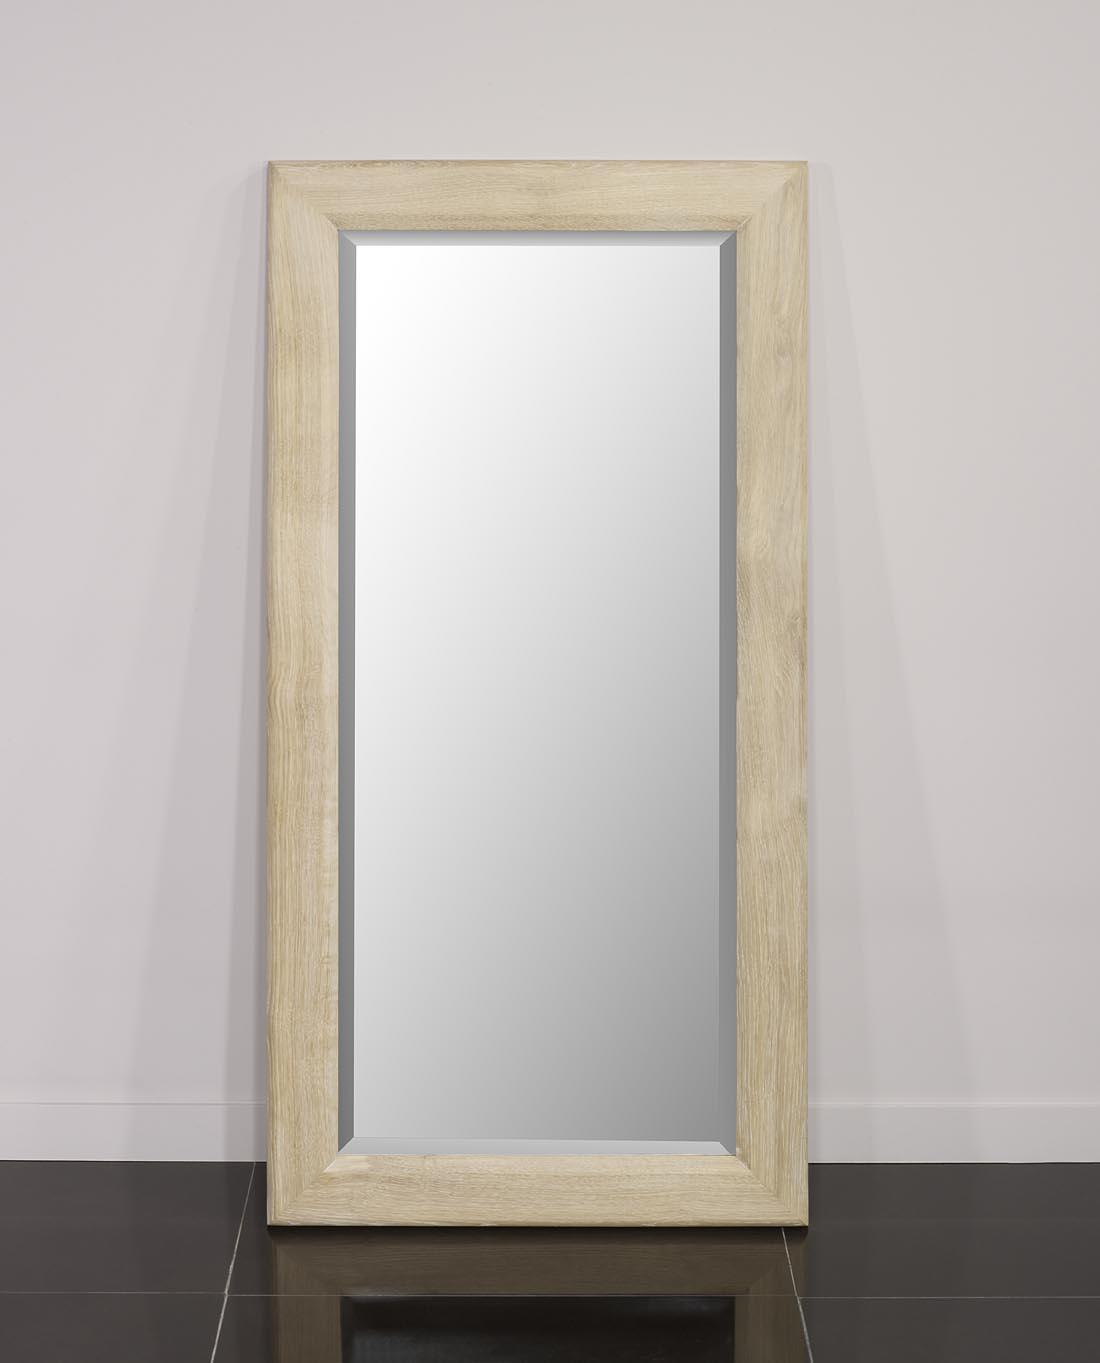 Miroir glace biseaut e 120x60 en ch ne massif finition for Miroir 50 x 60